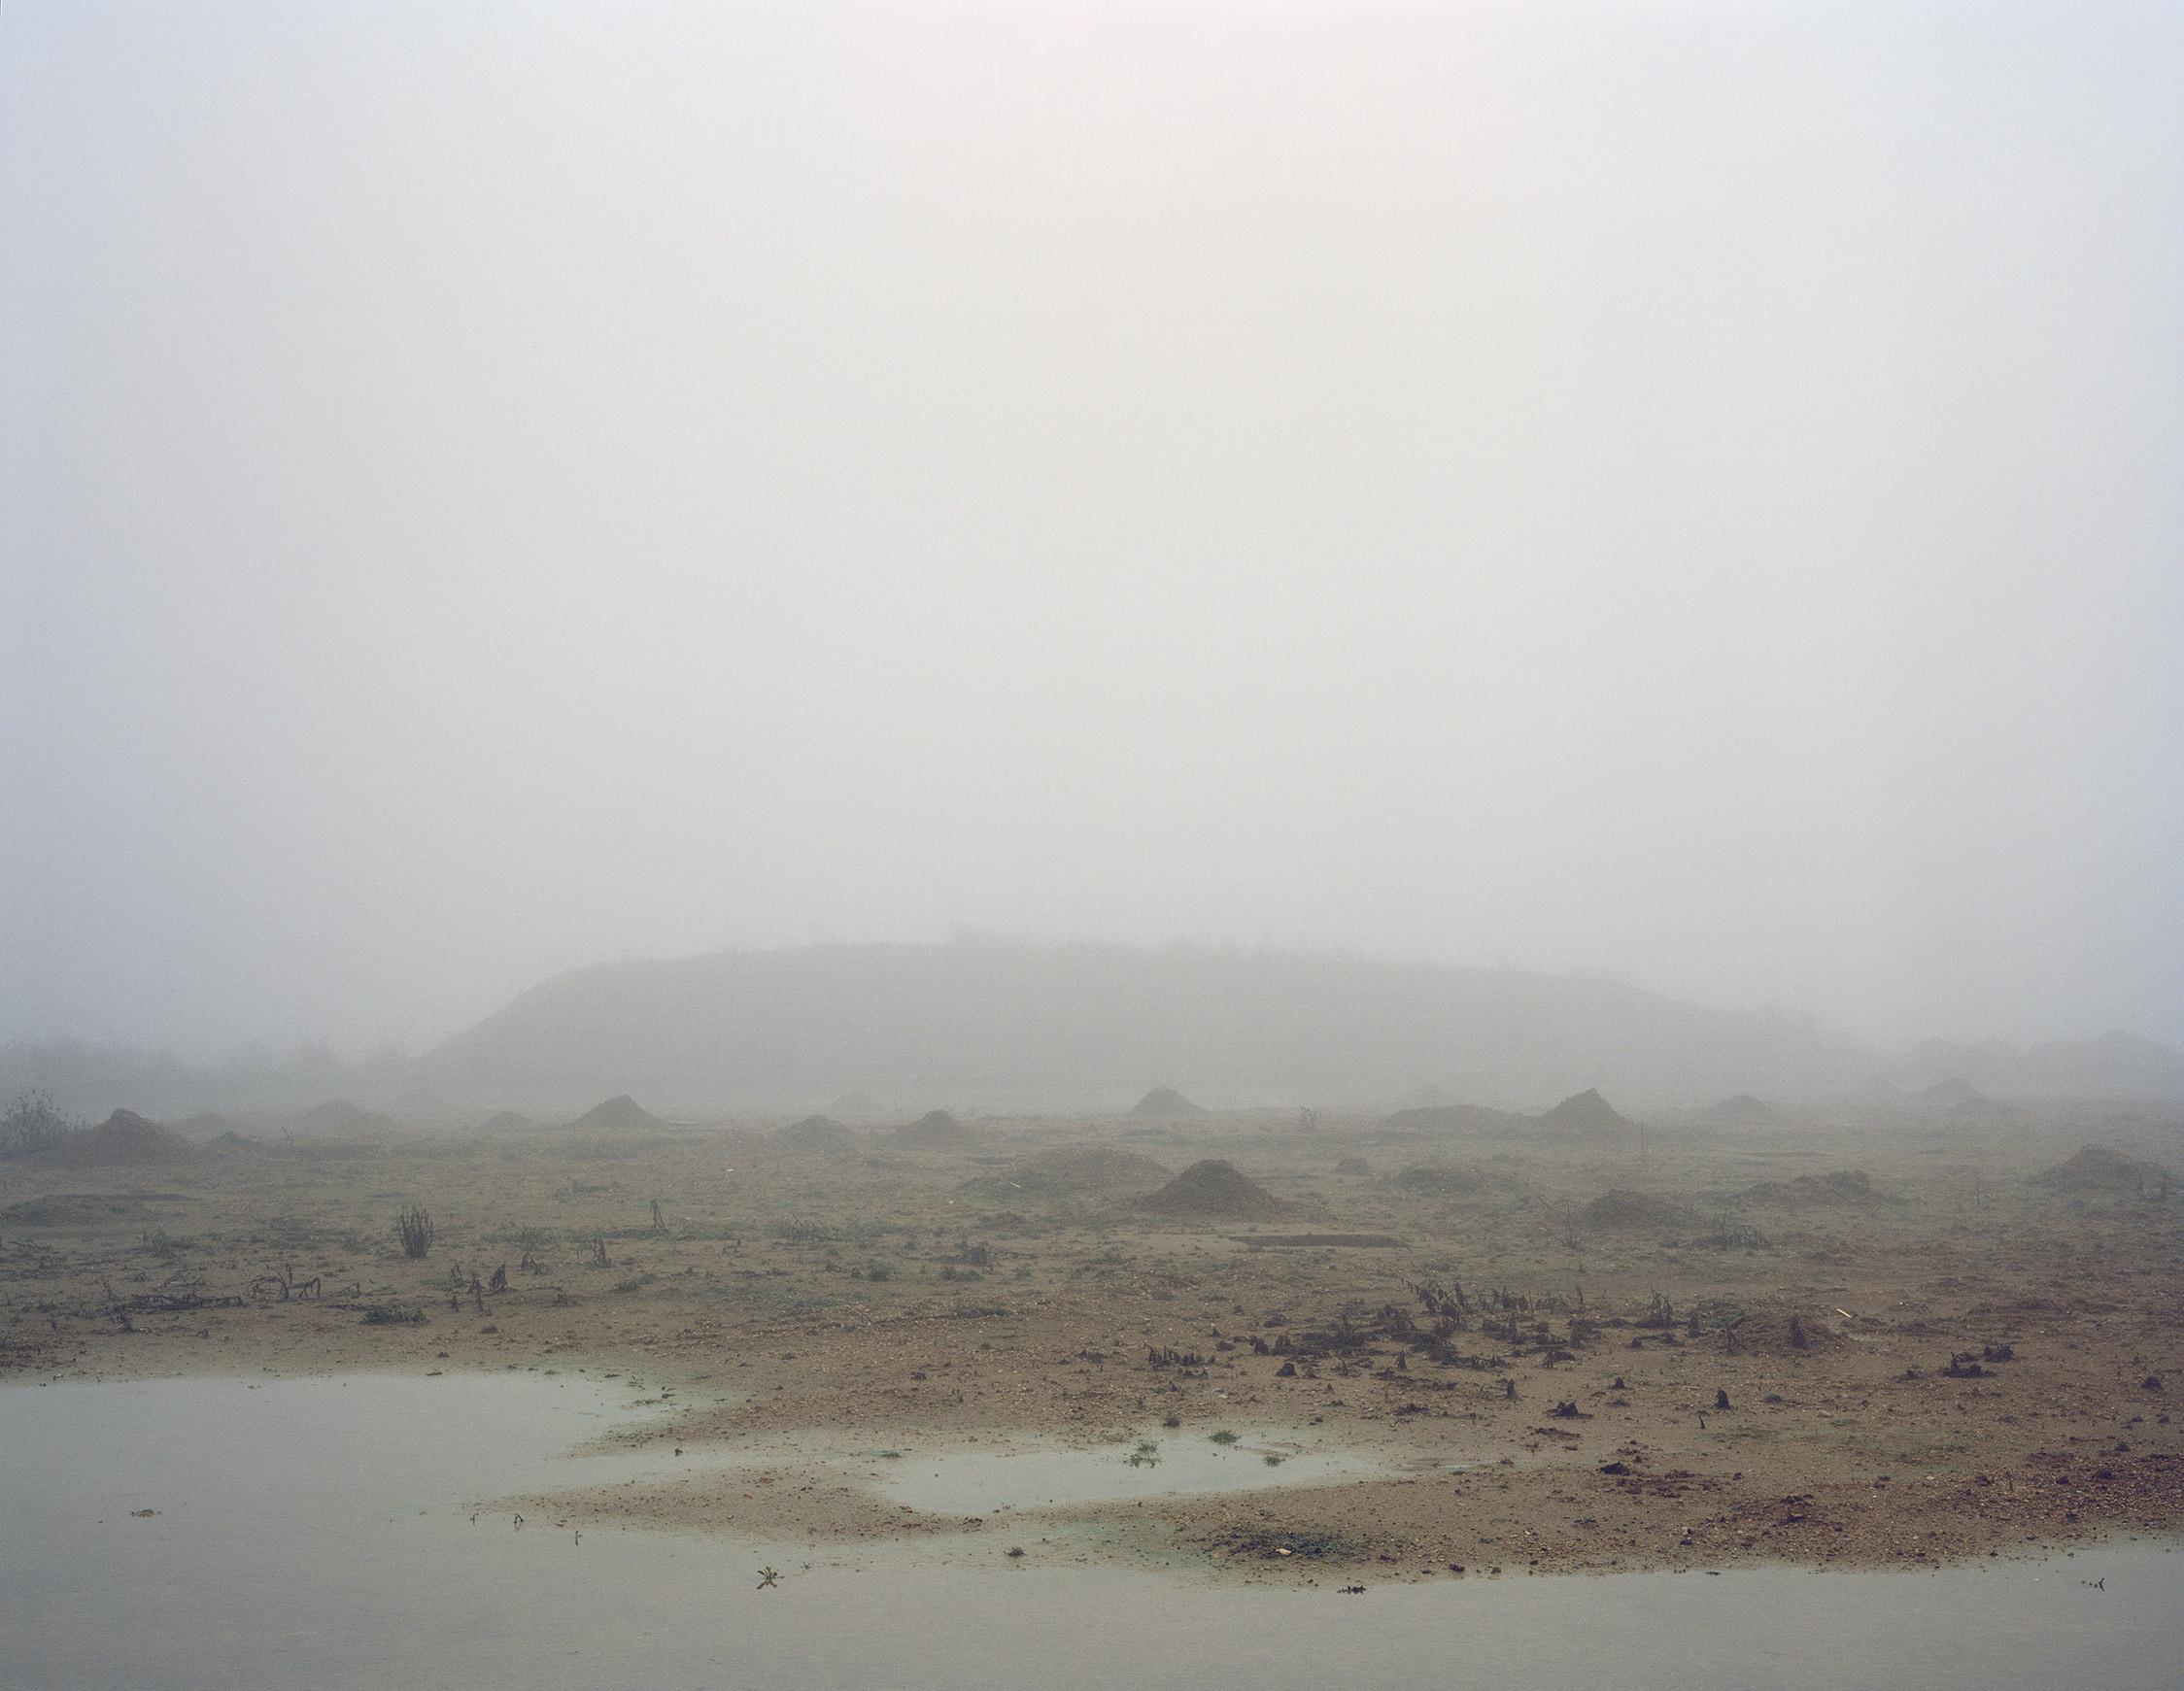 Tom-Lovelace-Site-407-Landscape-No.4.jpg